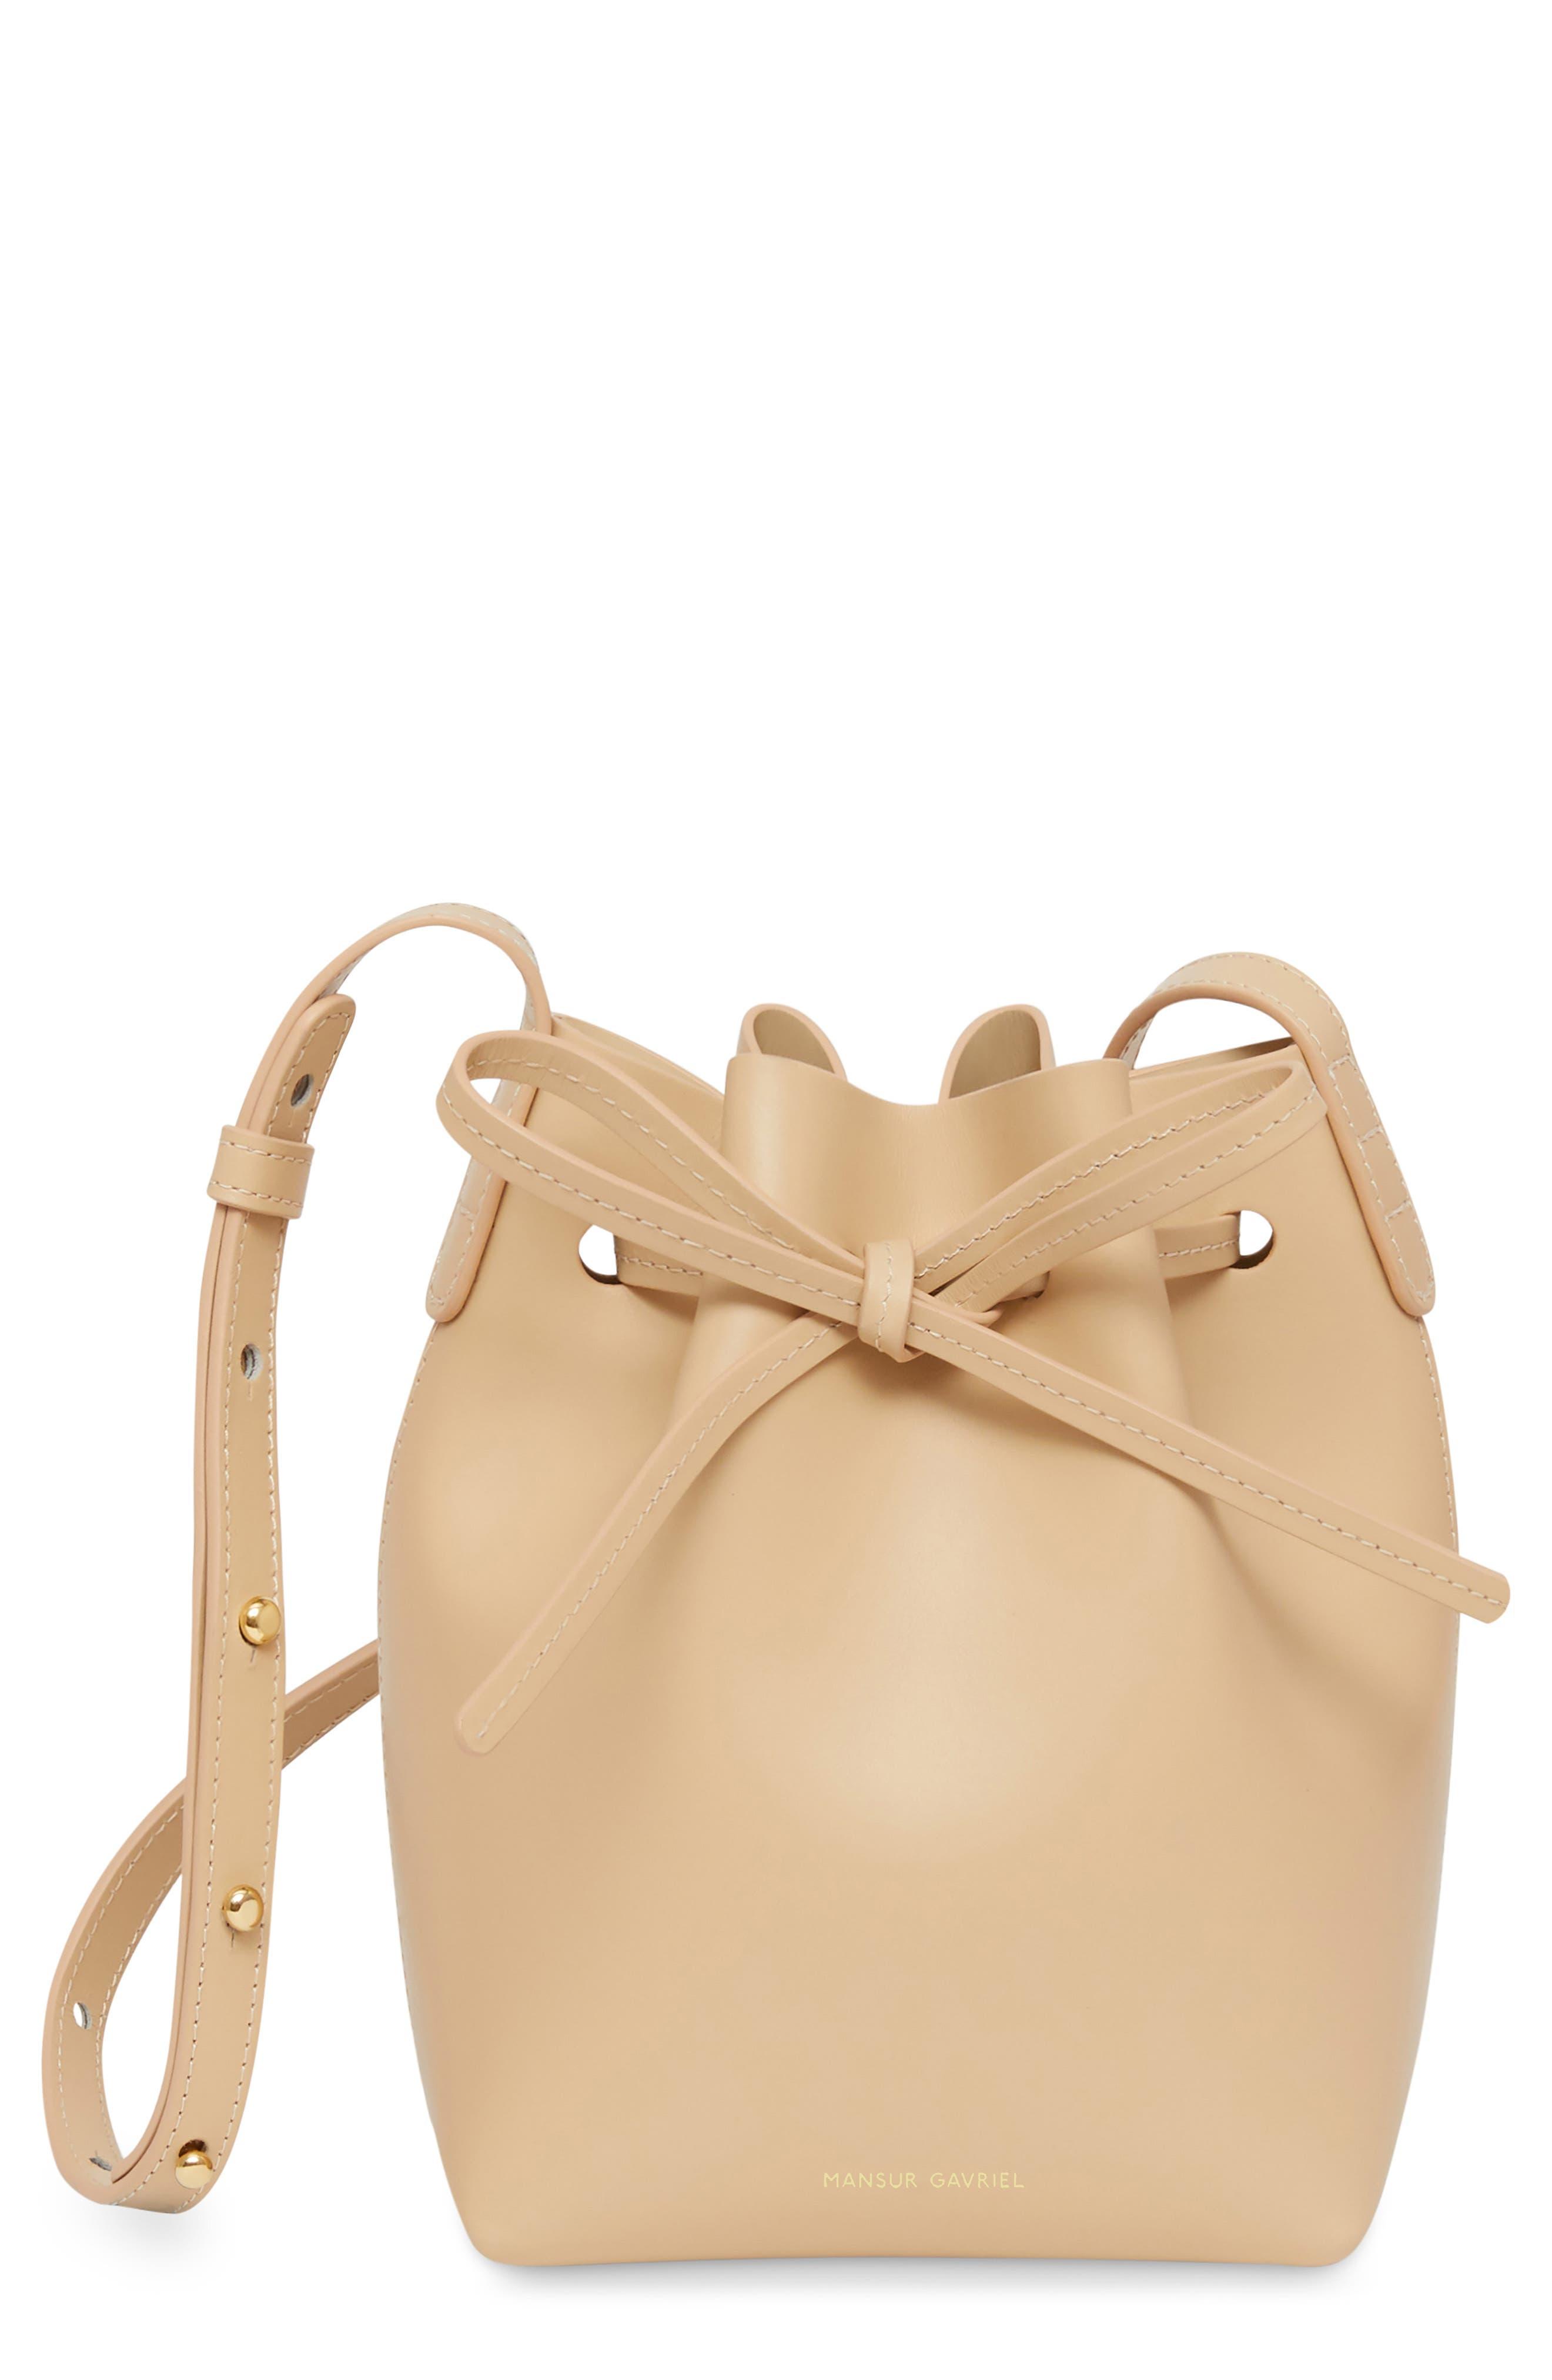 Mini Mini Leather Bucket Bag,                             Main thumbnail 1, color,                             NATURAL